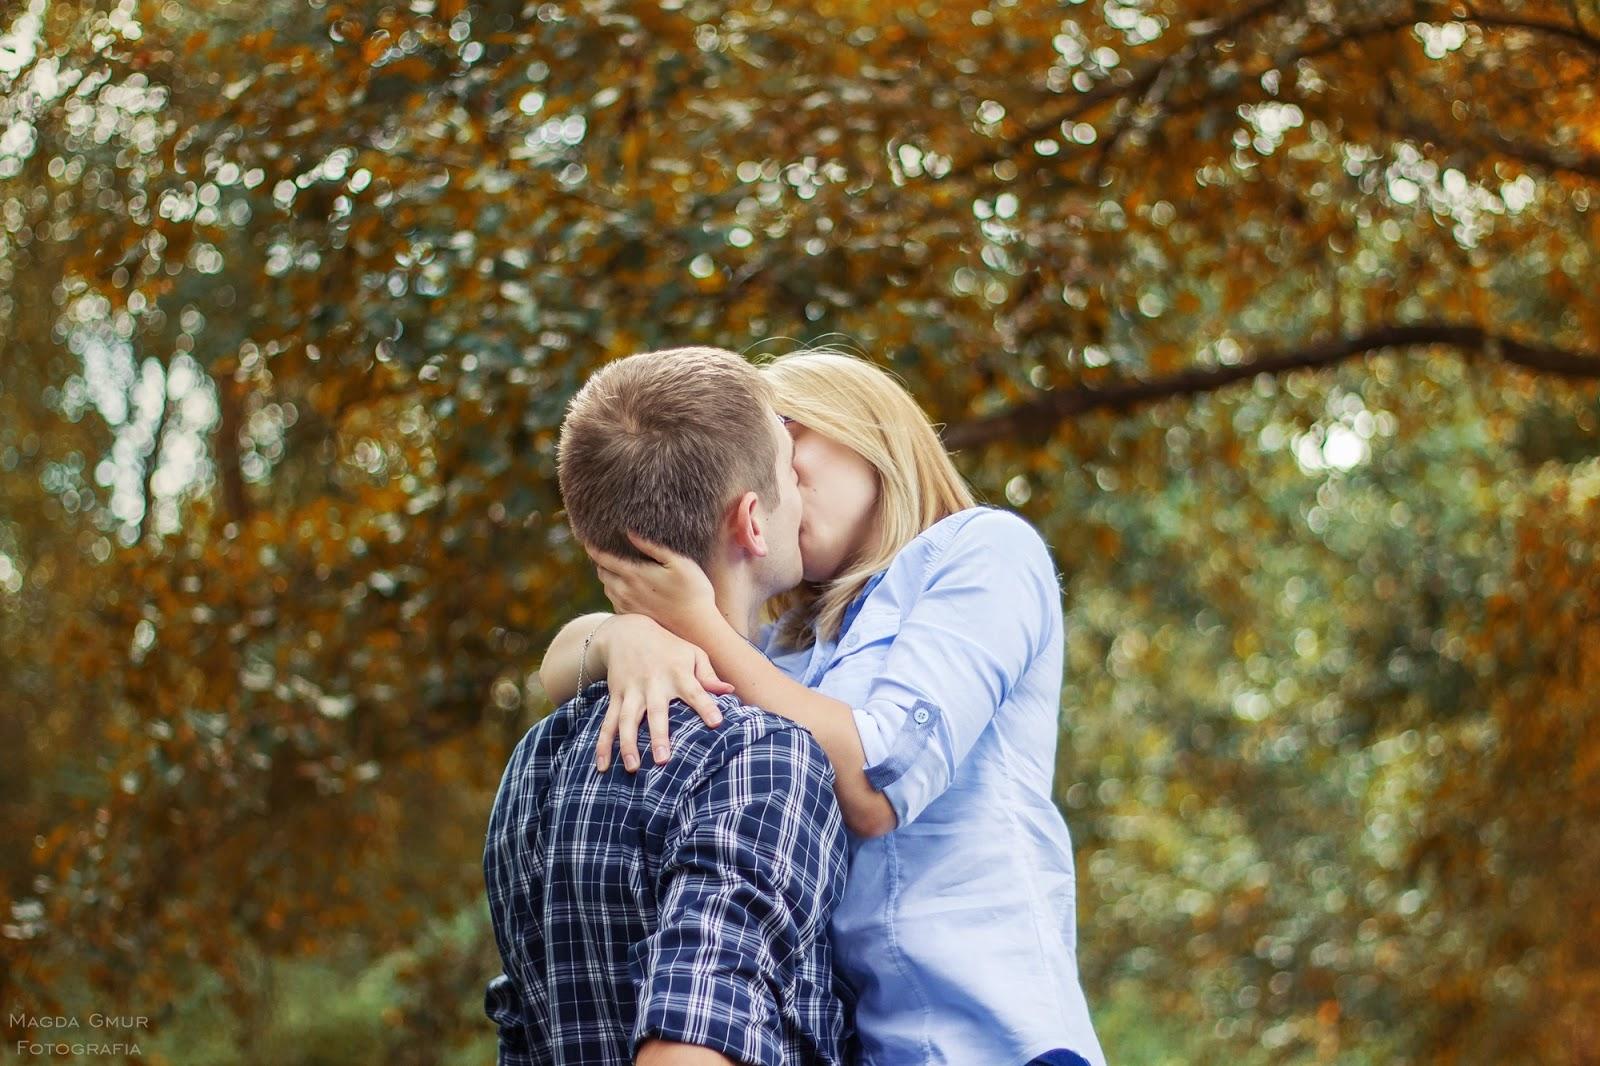 sesja zakochanych, jesien, jesienna sesja, jesienna sesja zakochanych, sesja pary